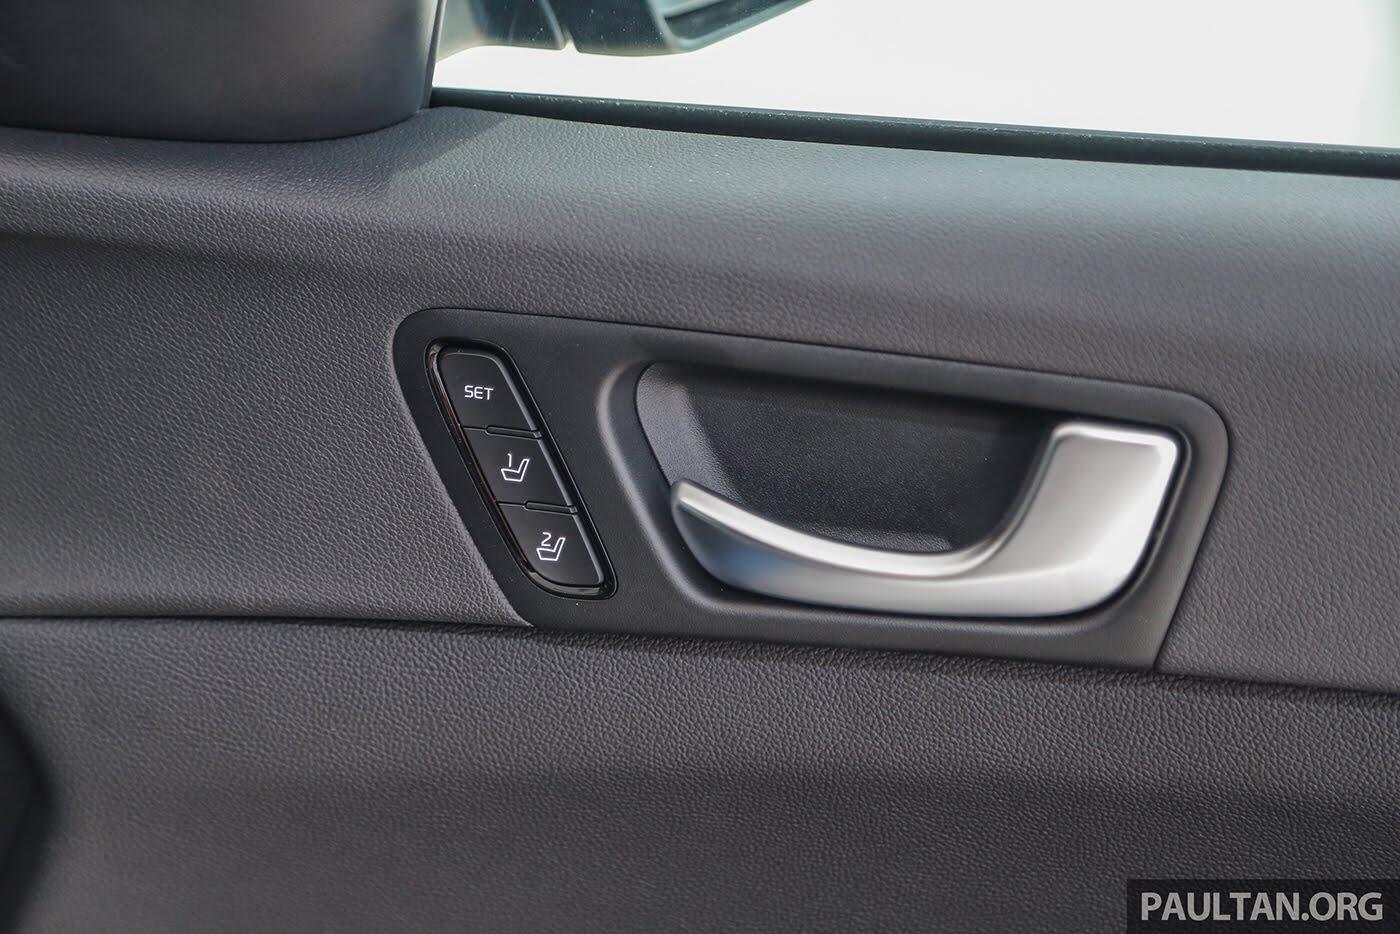 Xem thêm ảnh Kia Optima GT 2017 - Hình 20